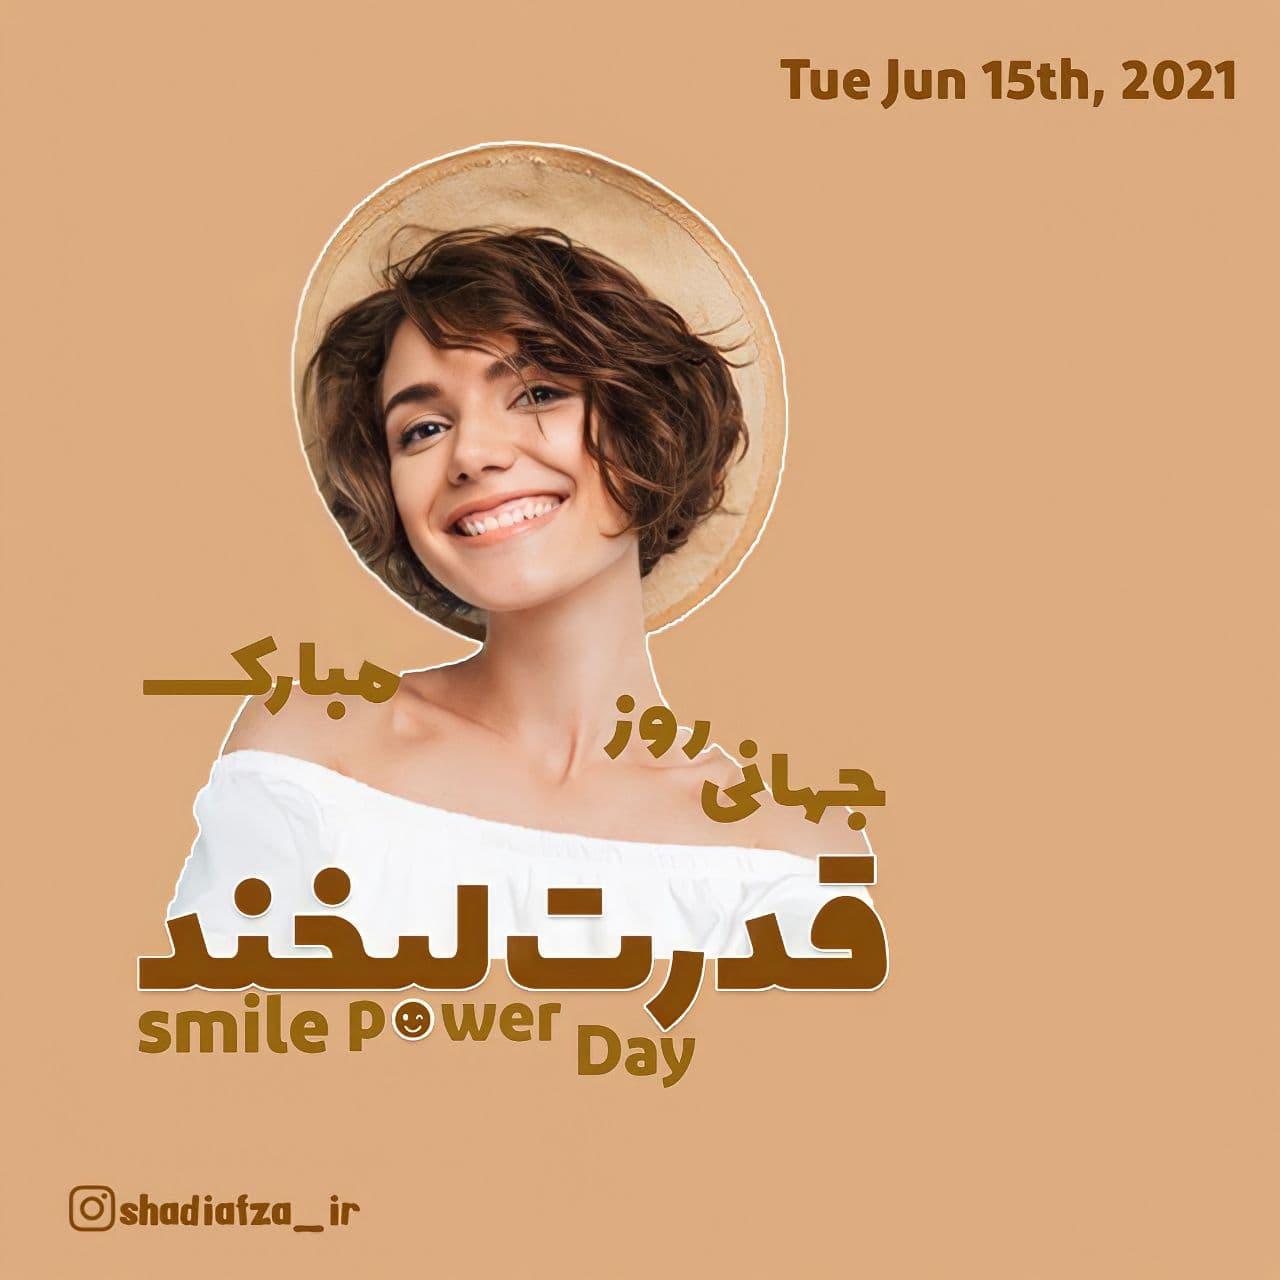 عکس نوشته های خرداد - روز جهانی قدرت لبخند